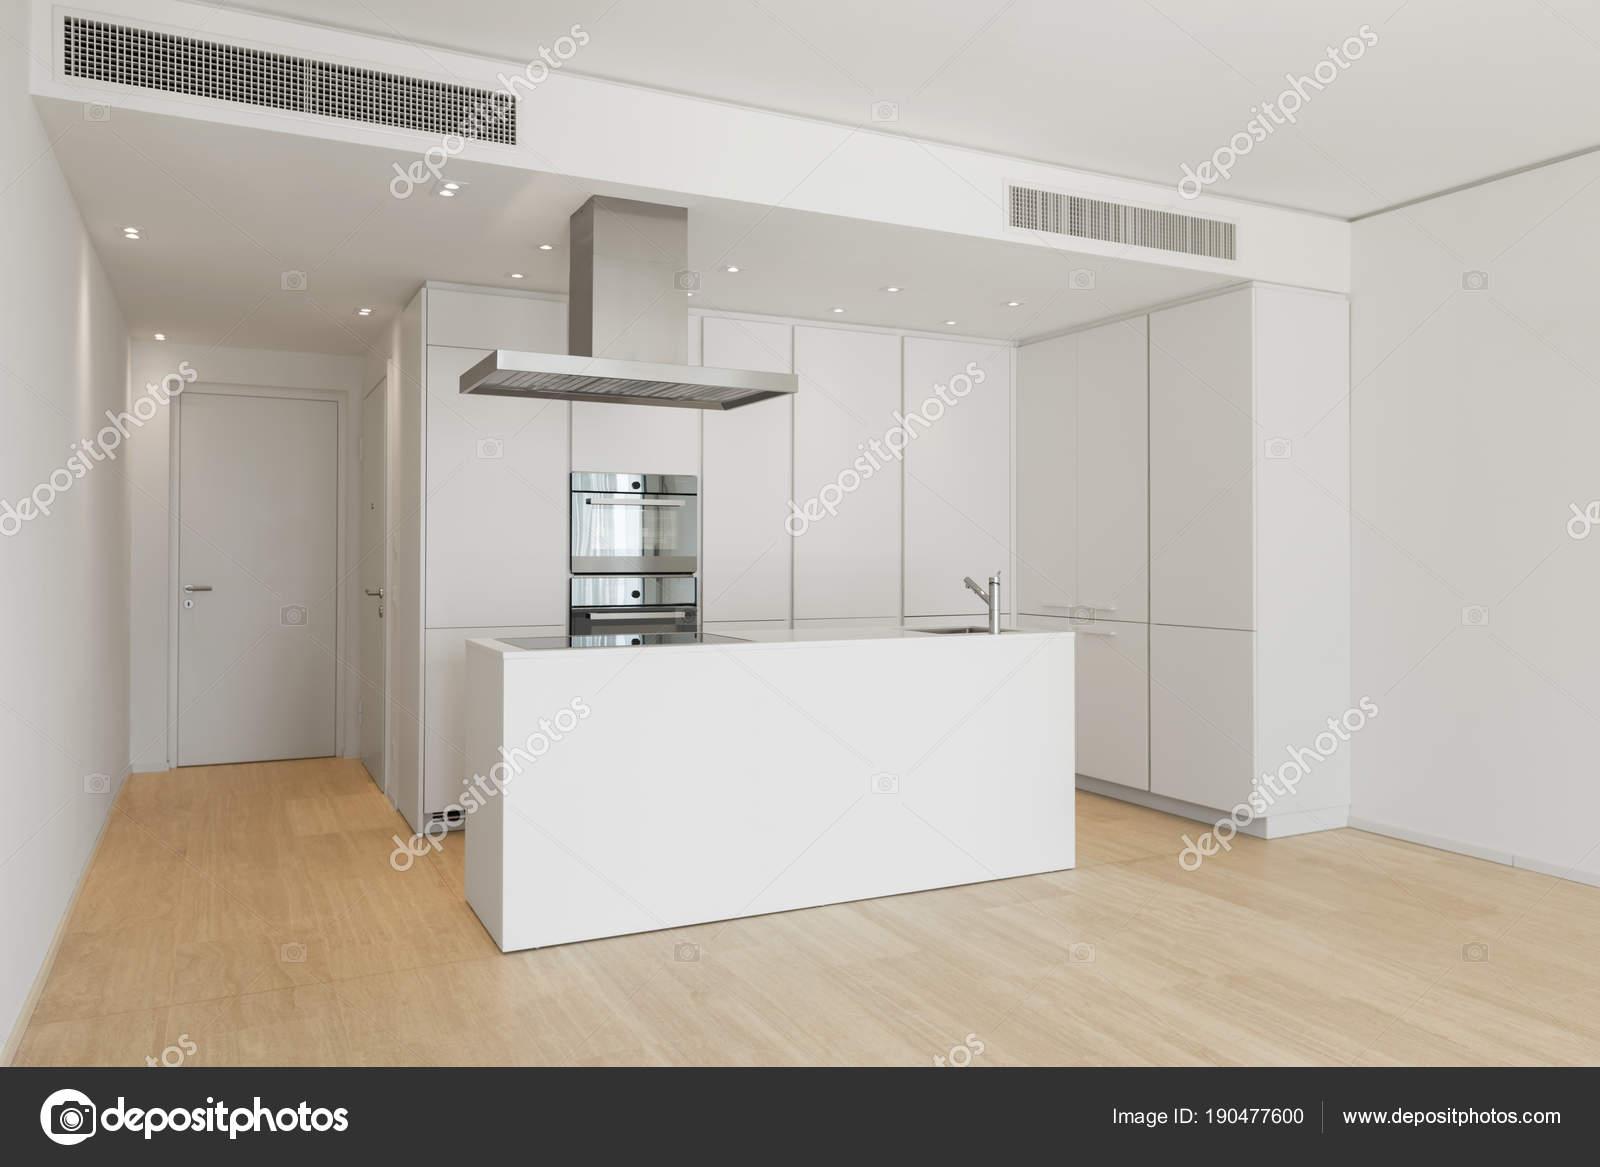 Grande Cozinha Com Ilha Fotografias De Stock Zveiger 190477600